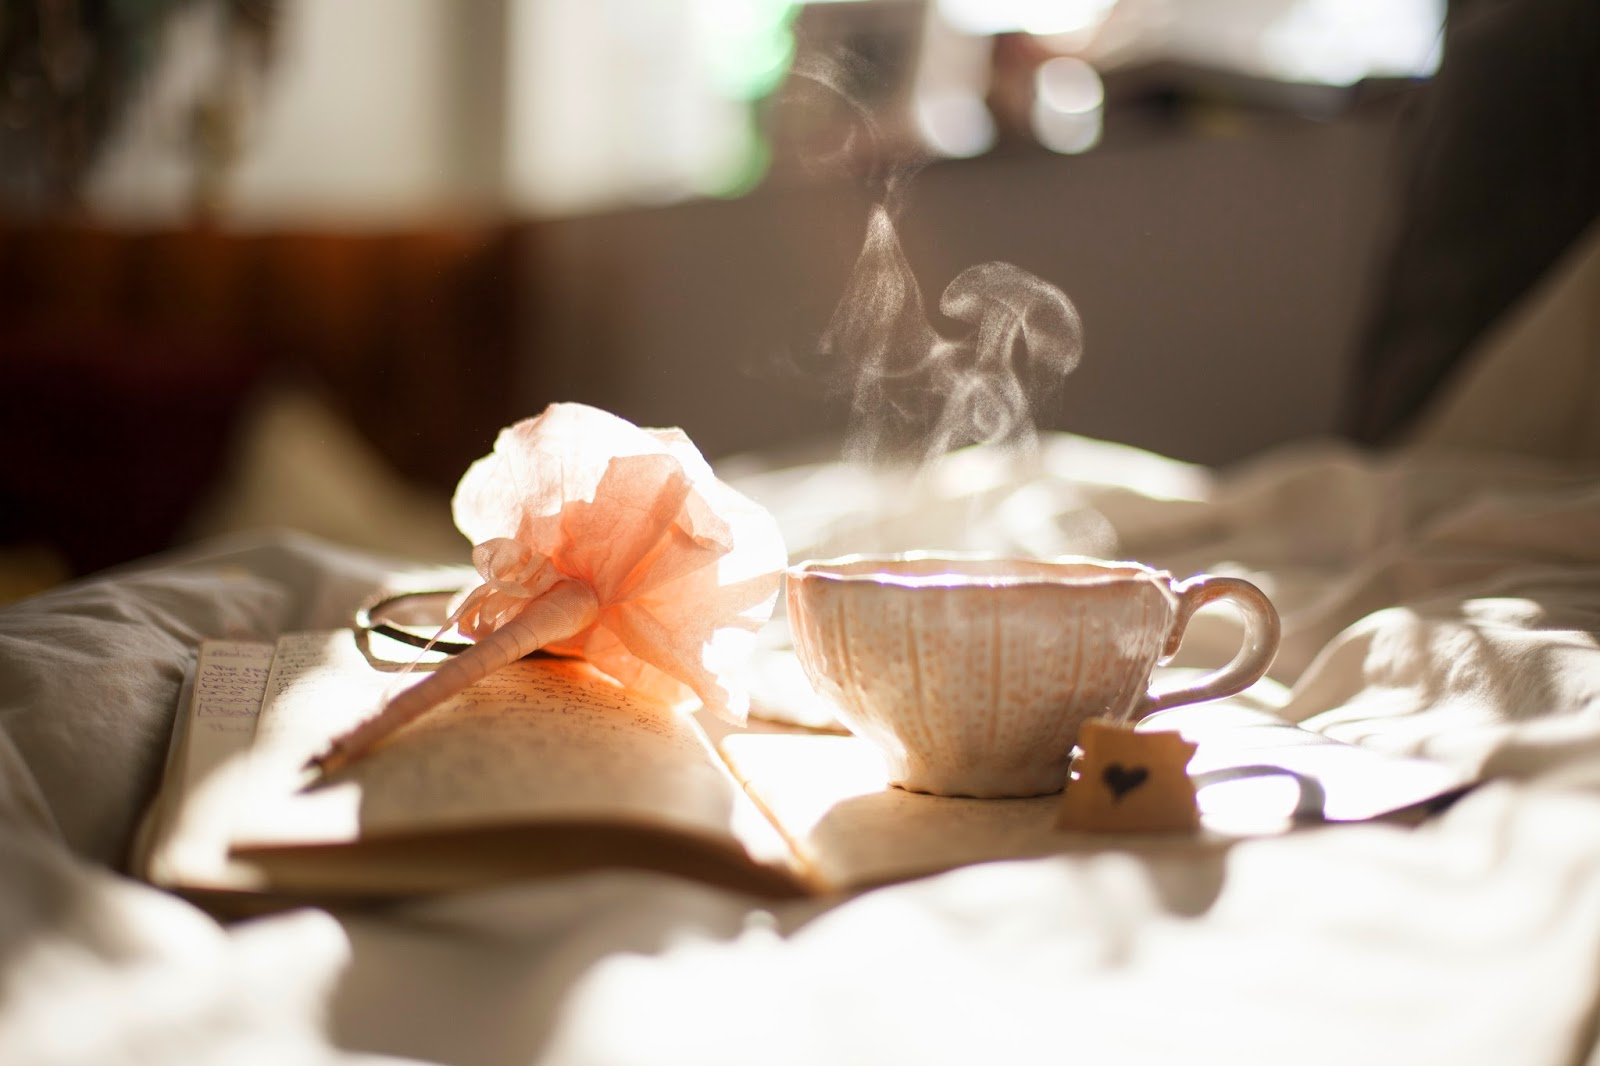 blog novel per donne che vogliono cambiare vita, ilaria cusano life coach spirituale